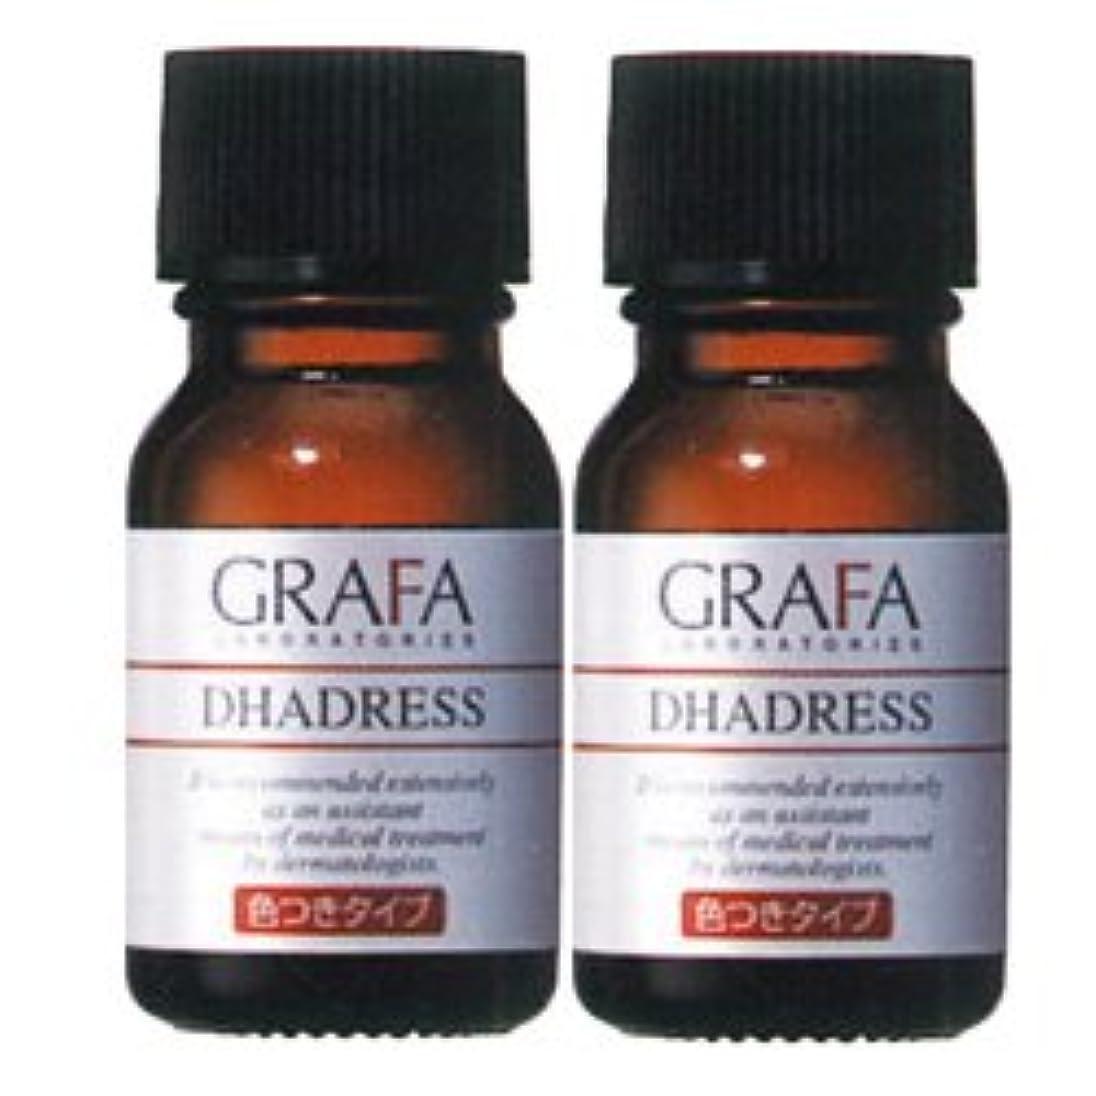 トライアスリートグレートバリアリーフもっとグラファ ダドレスC (色つきタイプ) 11mL×2本 着色用化粧水 GRAFA DHADRESS